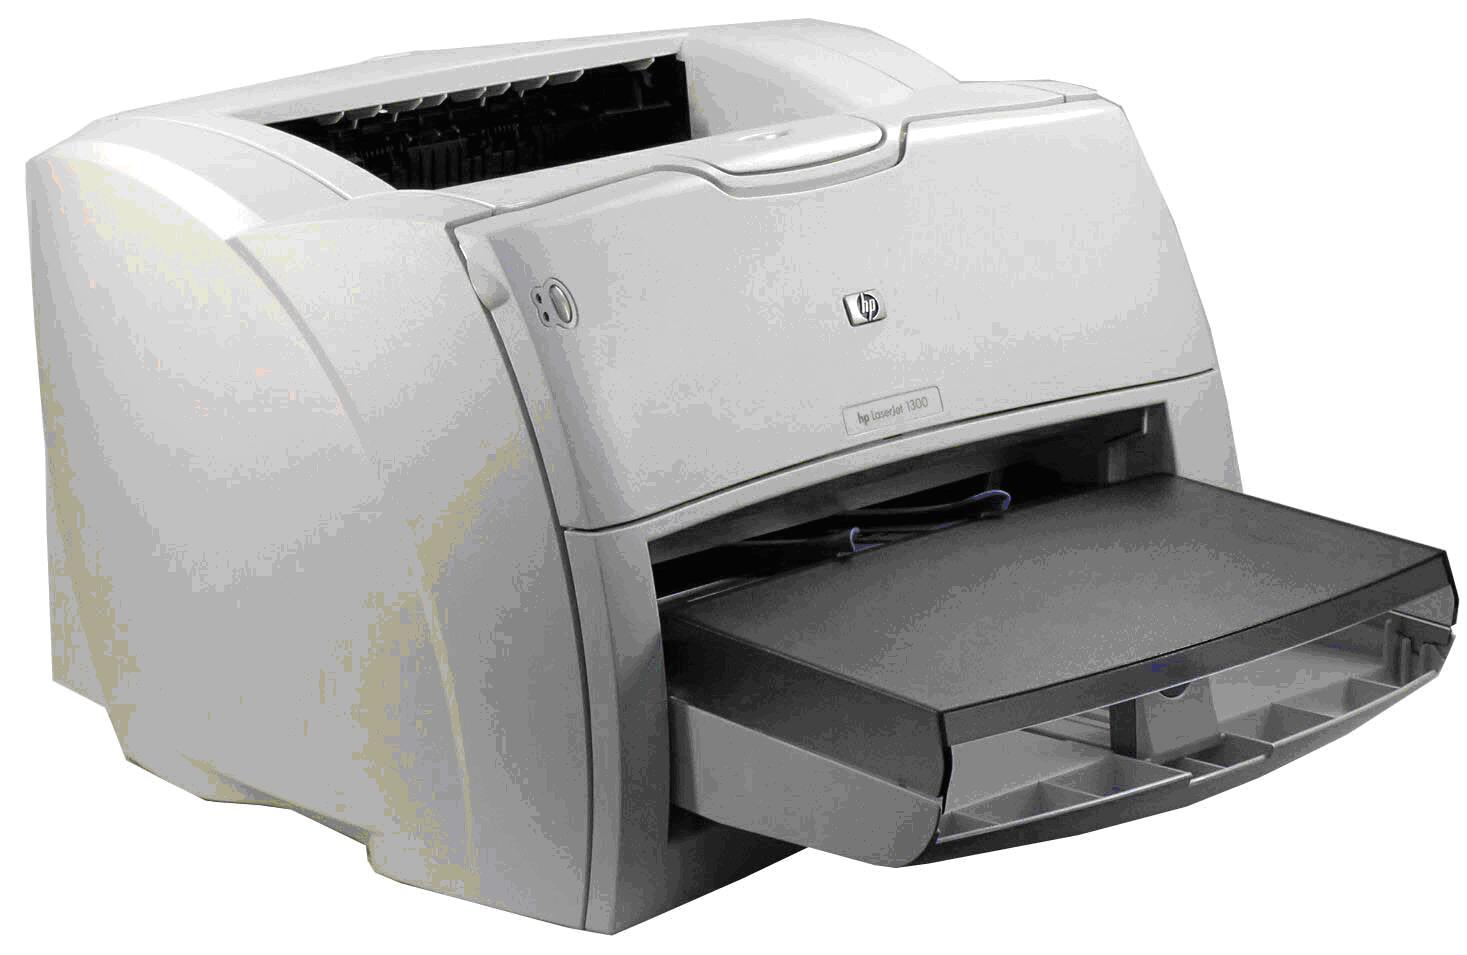 Hp Laserjet 1200 Series скачать драйвер